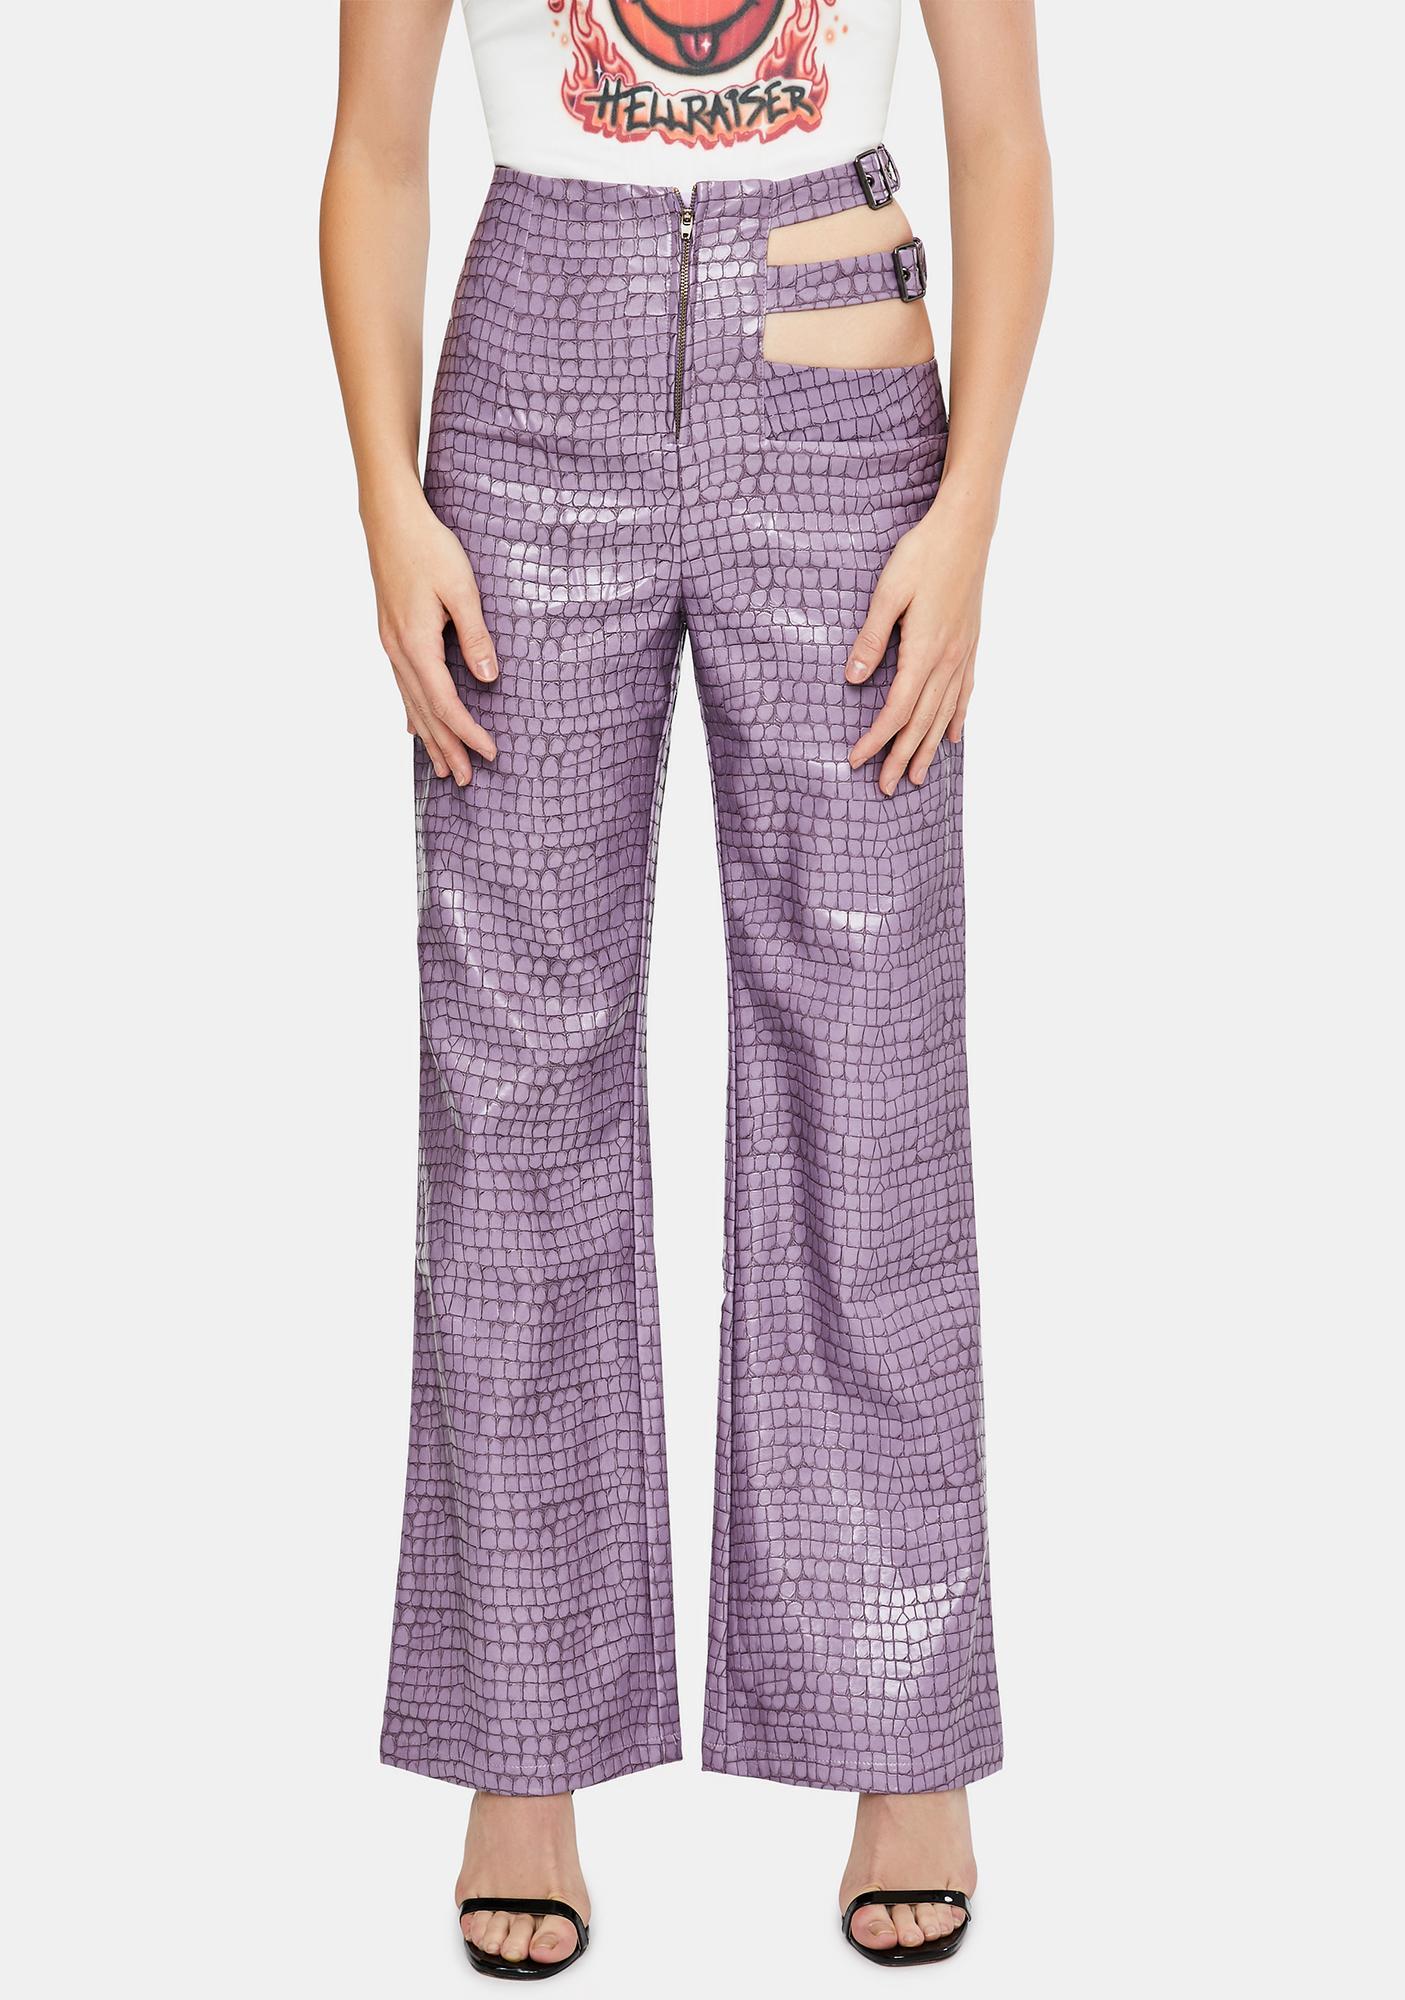 Sicko Cartel Lilac Tile Cut-Out Pants